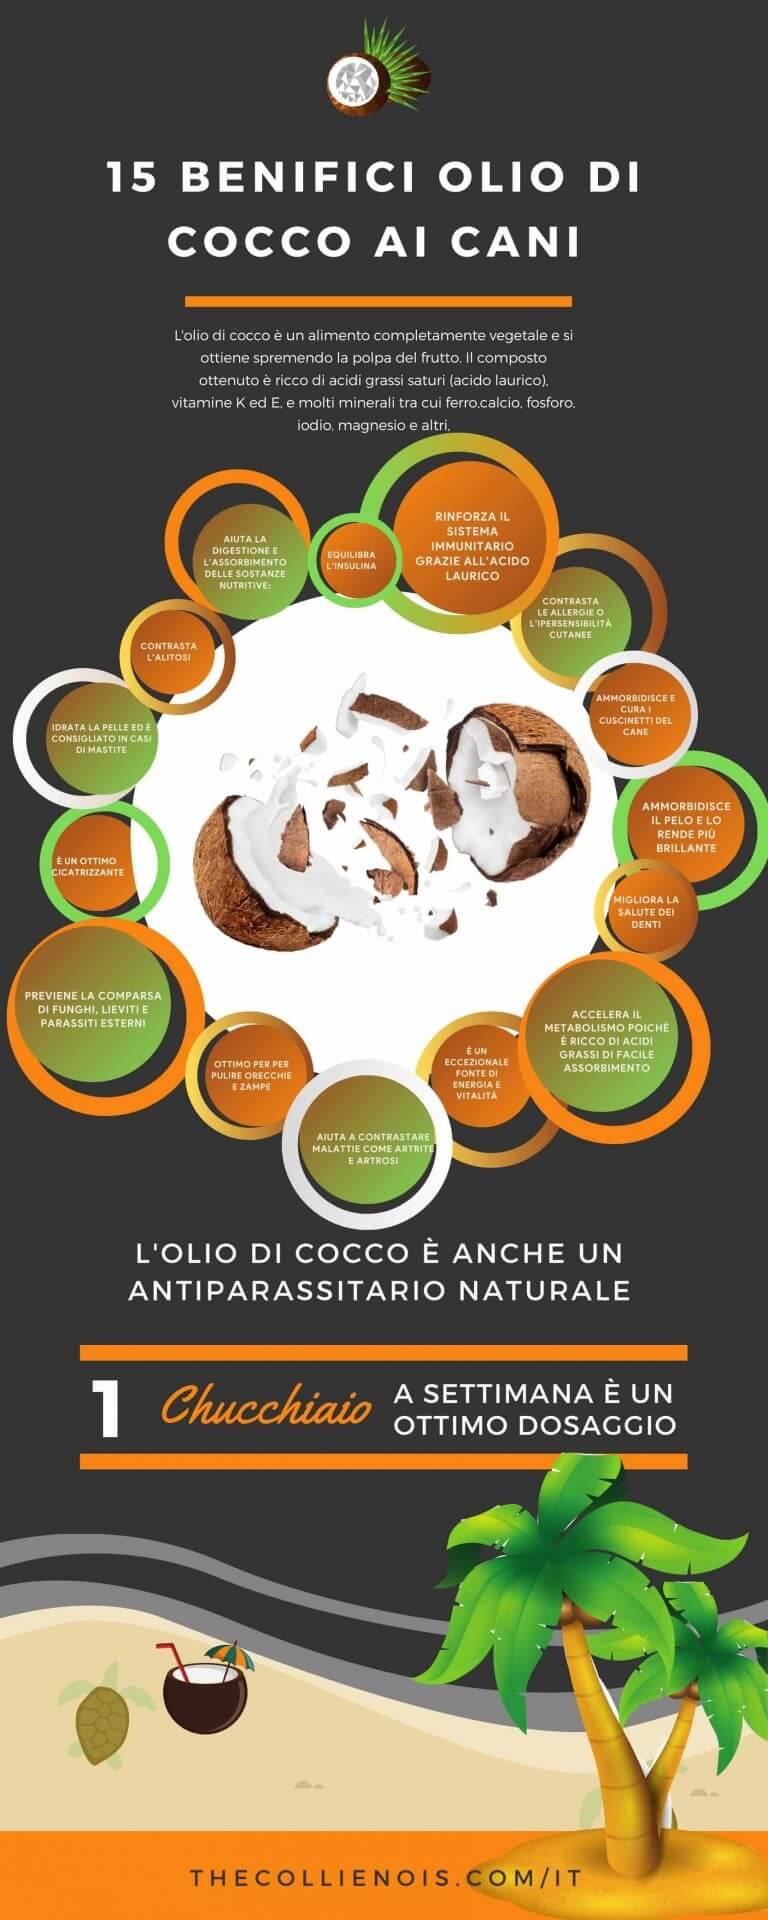 Infografica - Si può dare Olio di cocco ai cani - benefici - proprietà benefiche - uso